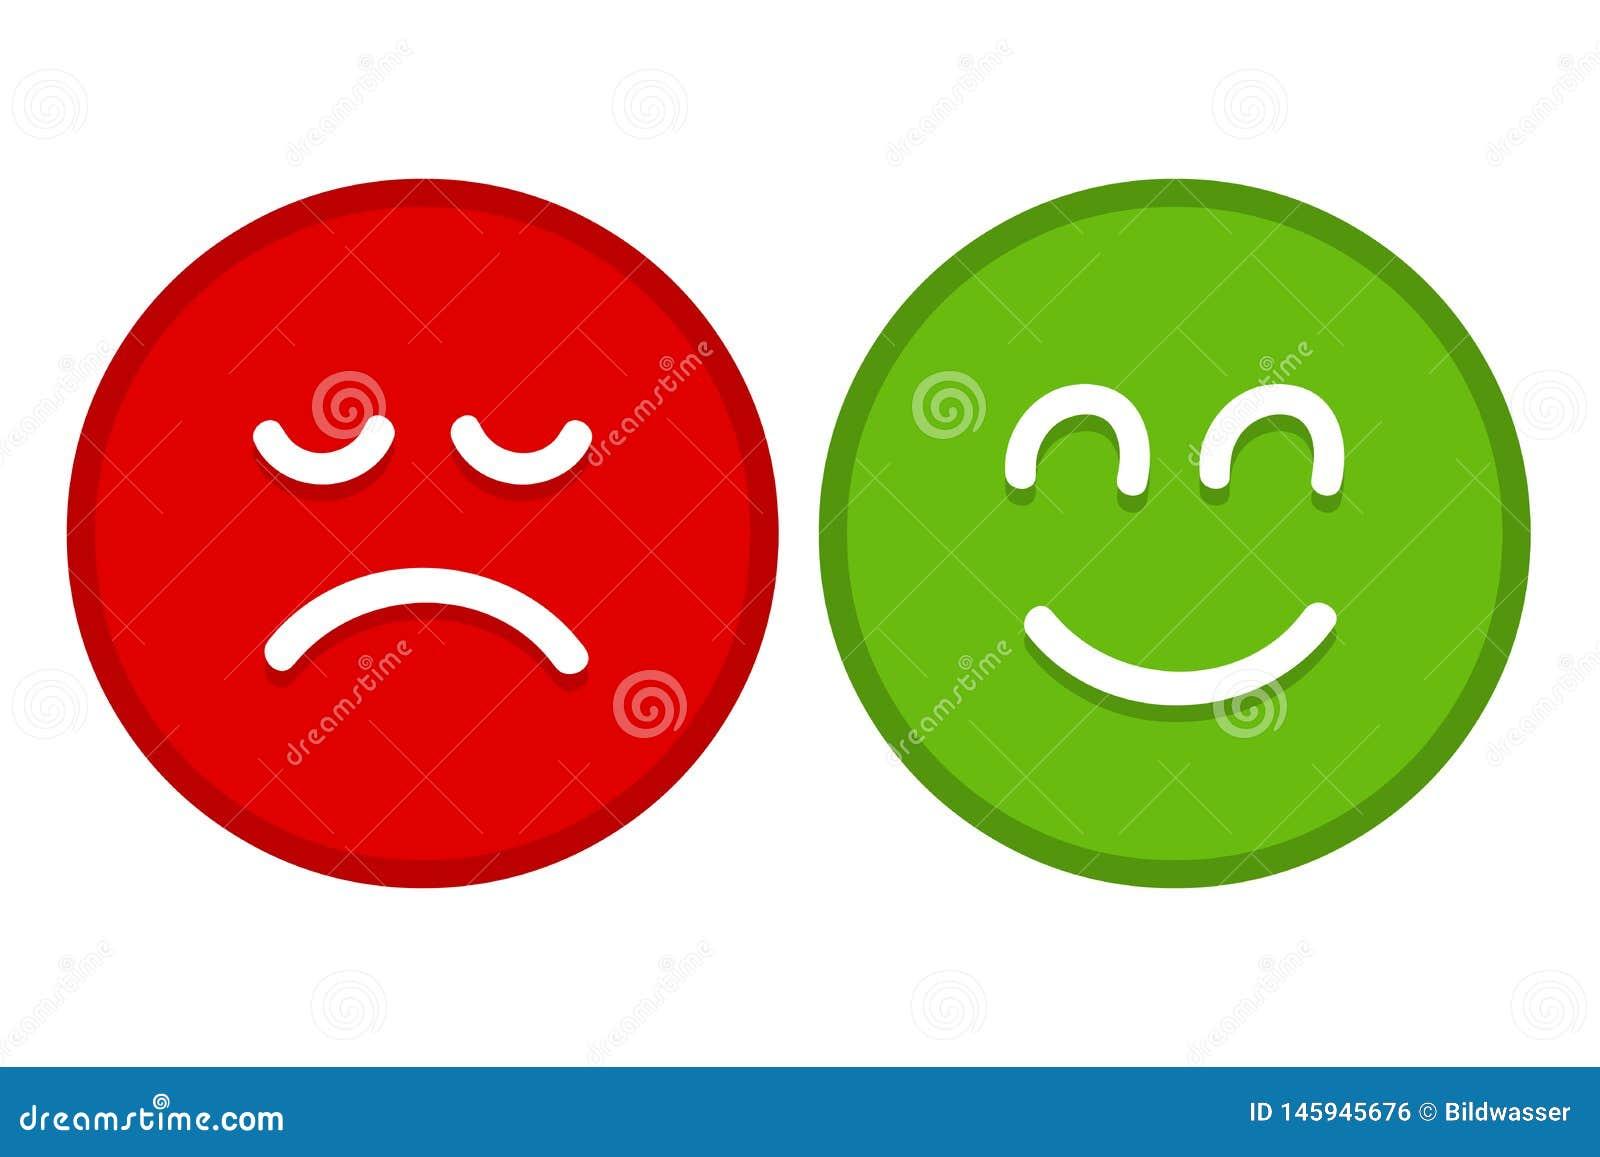 Emoji heureux et triste fait face au vecteur plat pour des applis et des sites Web